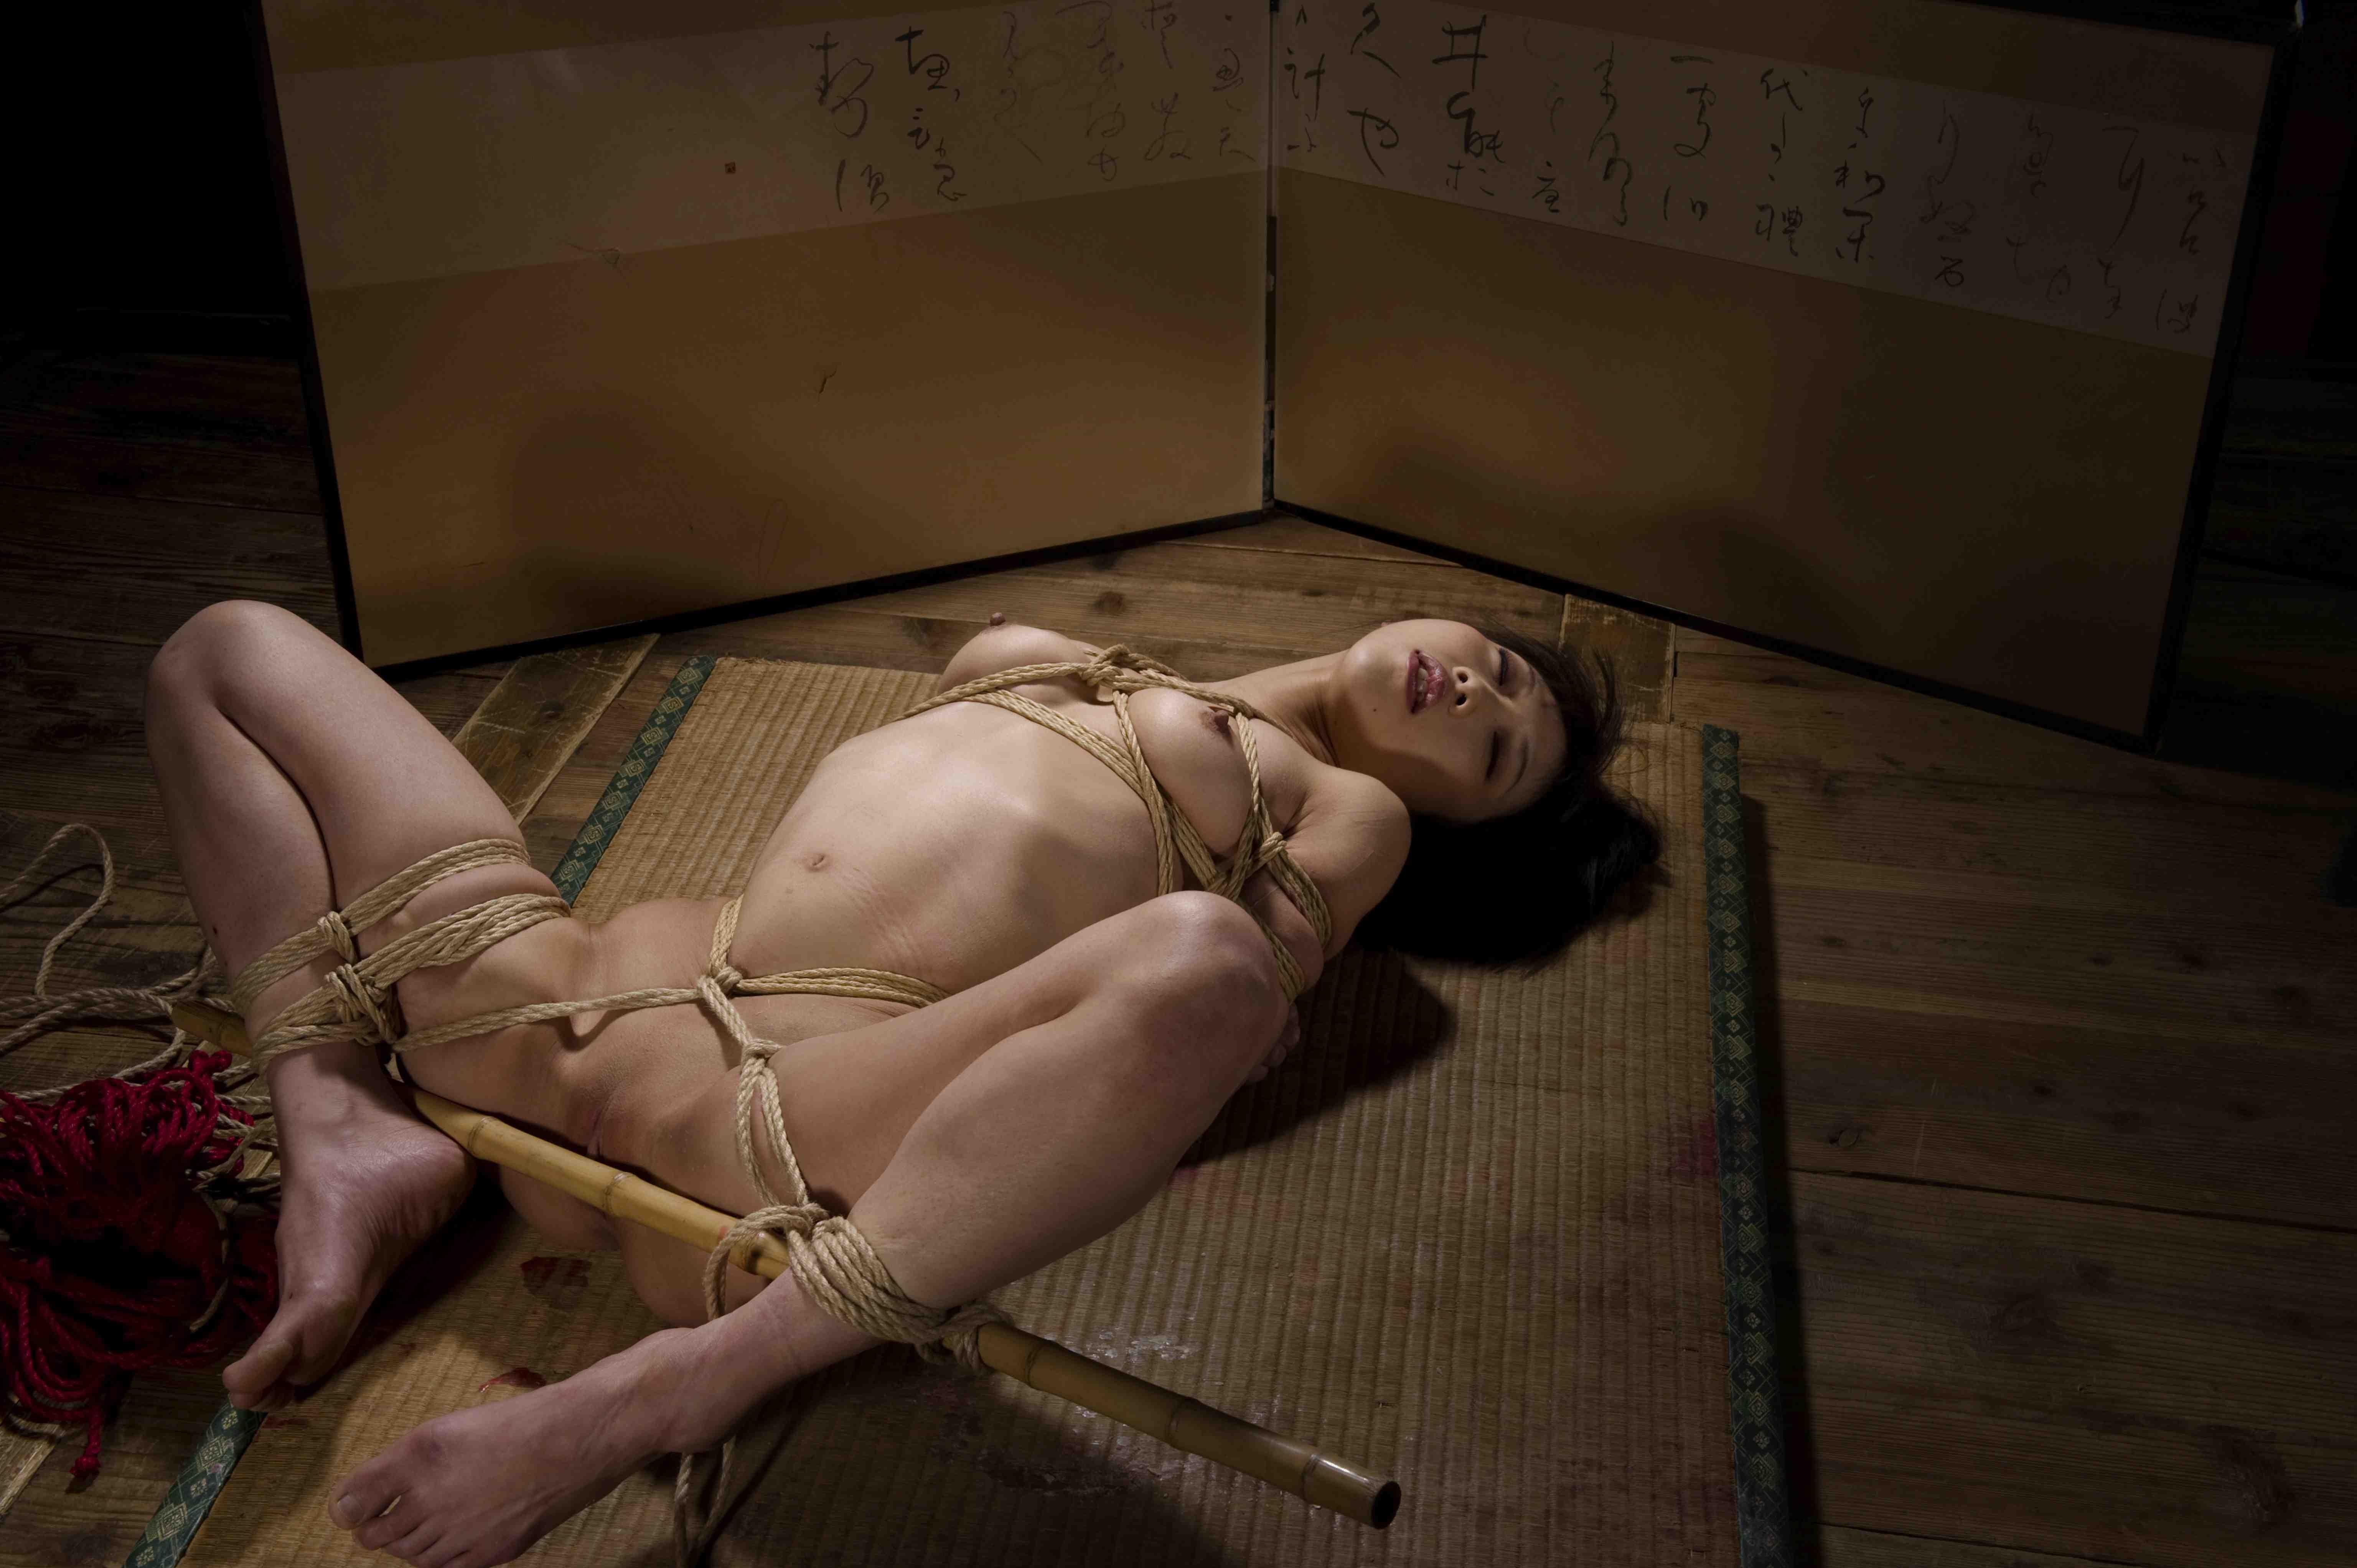 Girl fuck erotic japanese bondage shelby naked